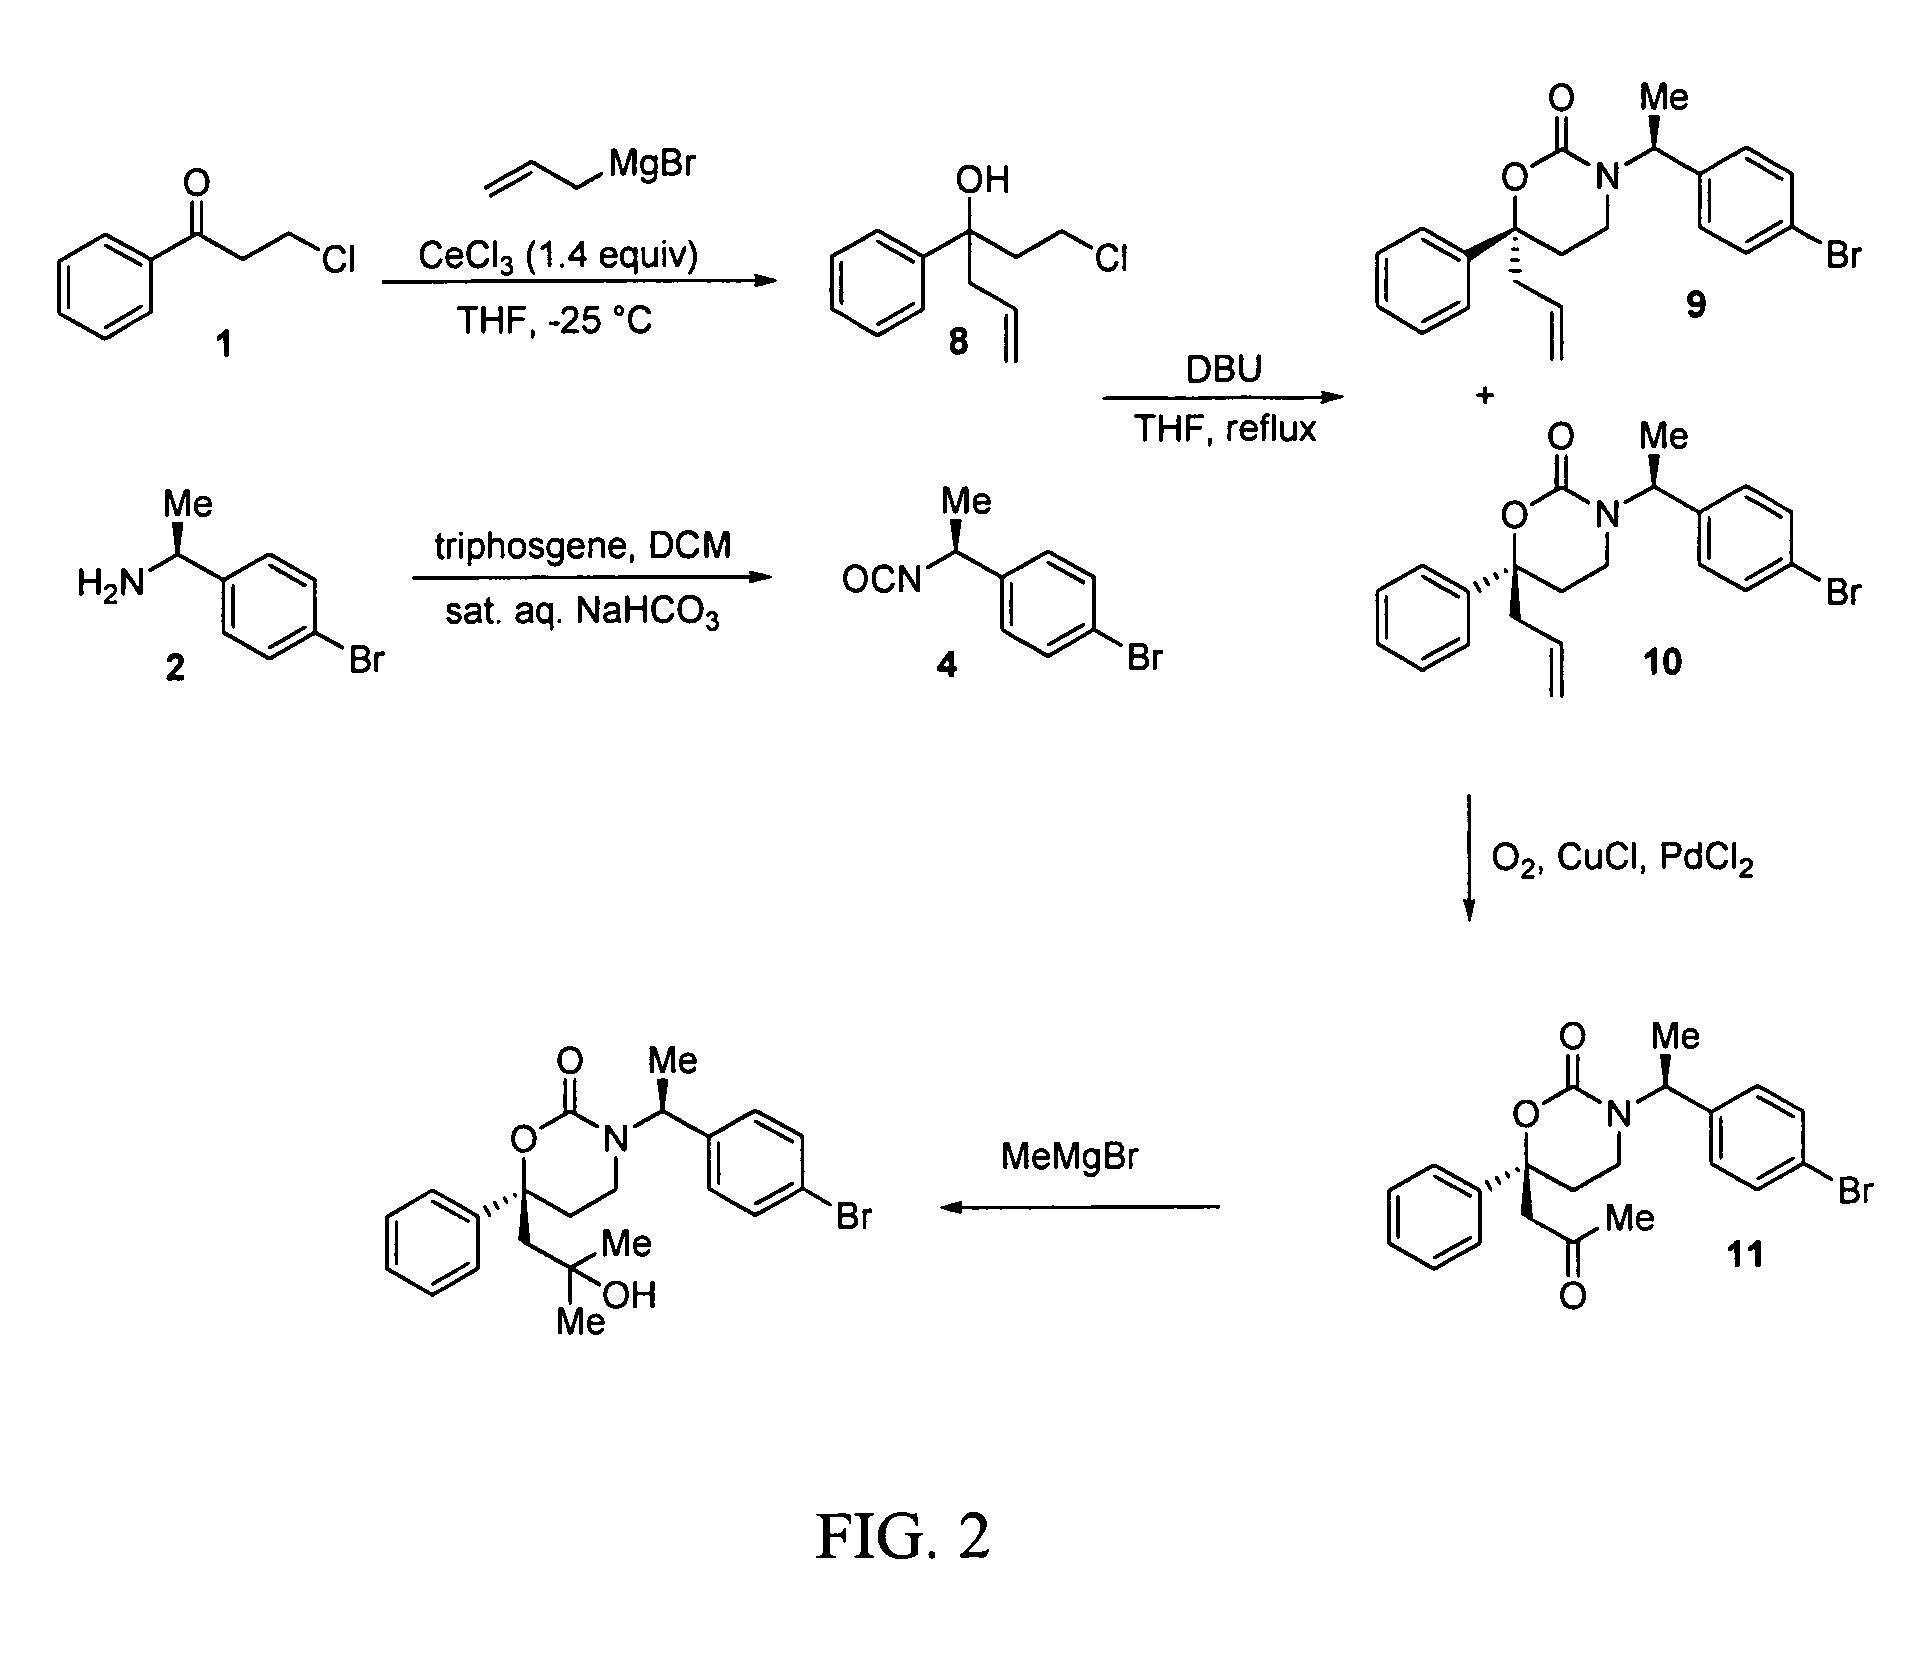 17 b hydroxysteroid dehydrogenase deficiency